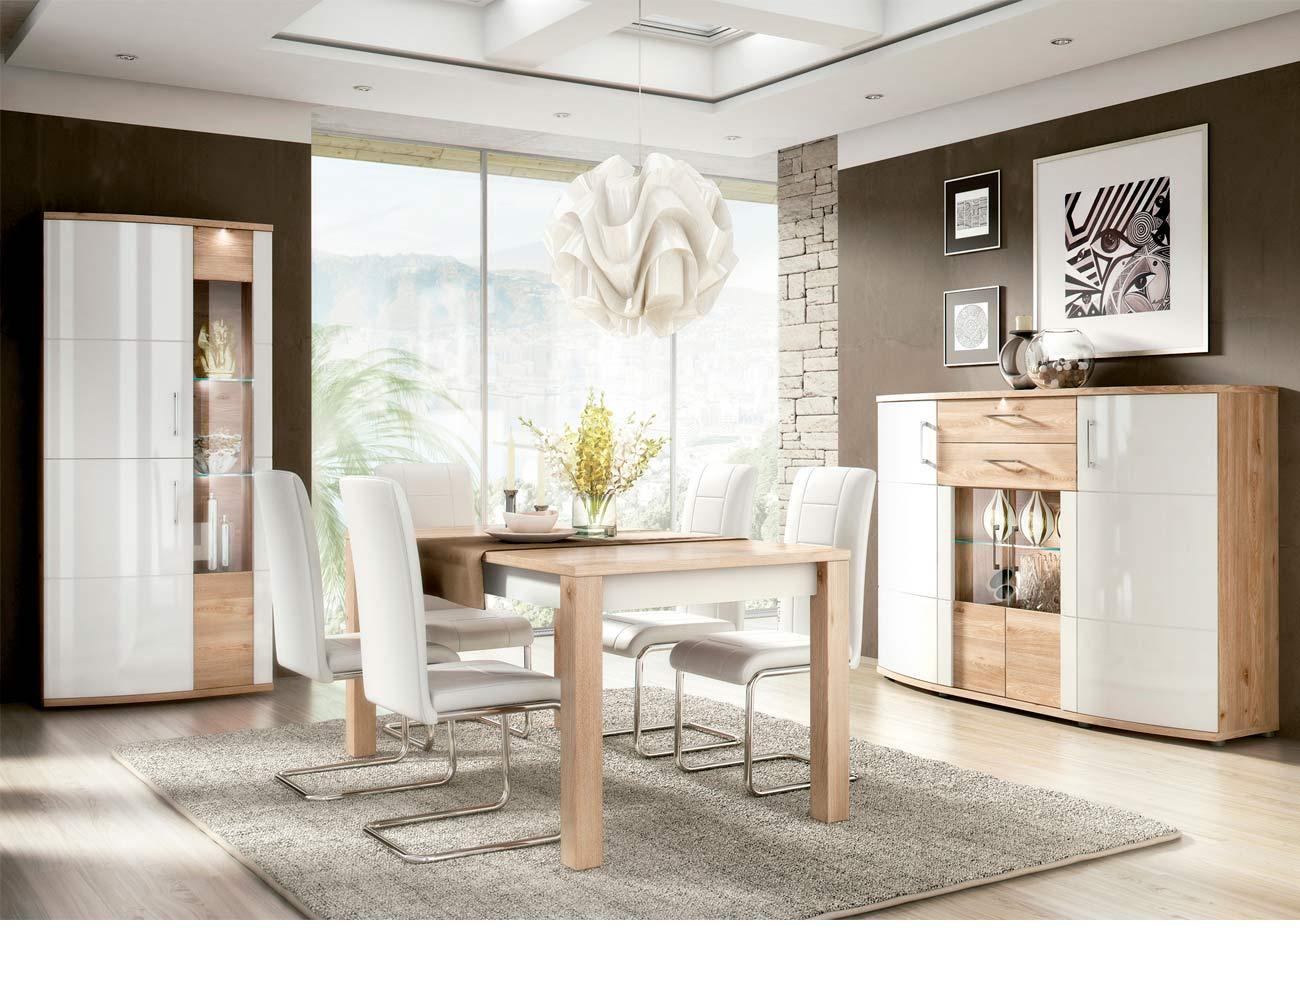 Ambiente9 mueble salon comedor vitrina bodeguero mesa sillas tapizadas aparador nelson blanco5